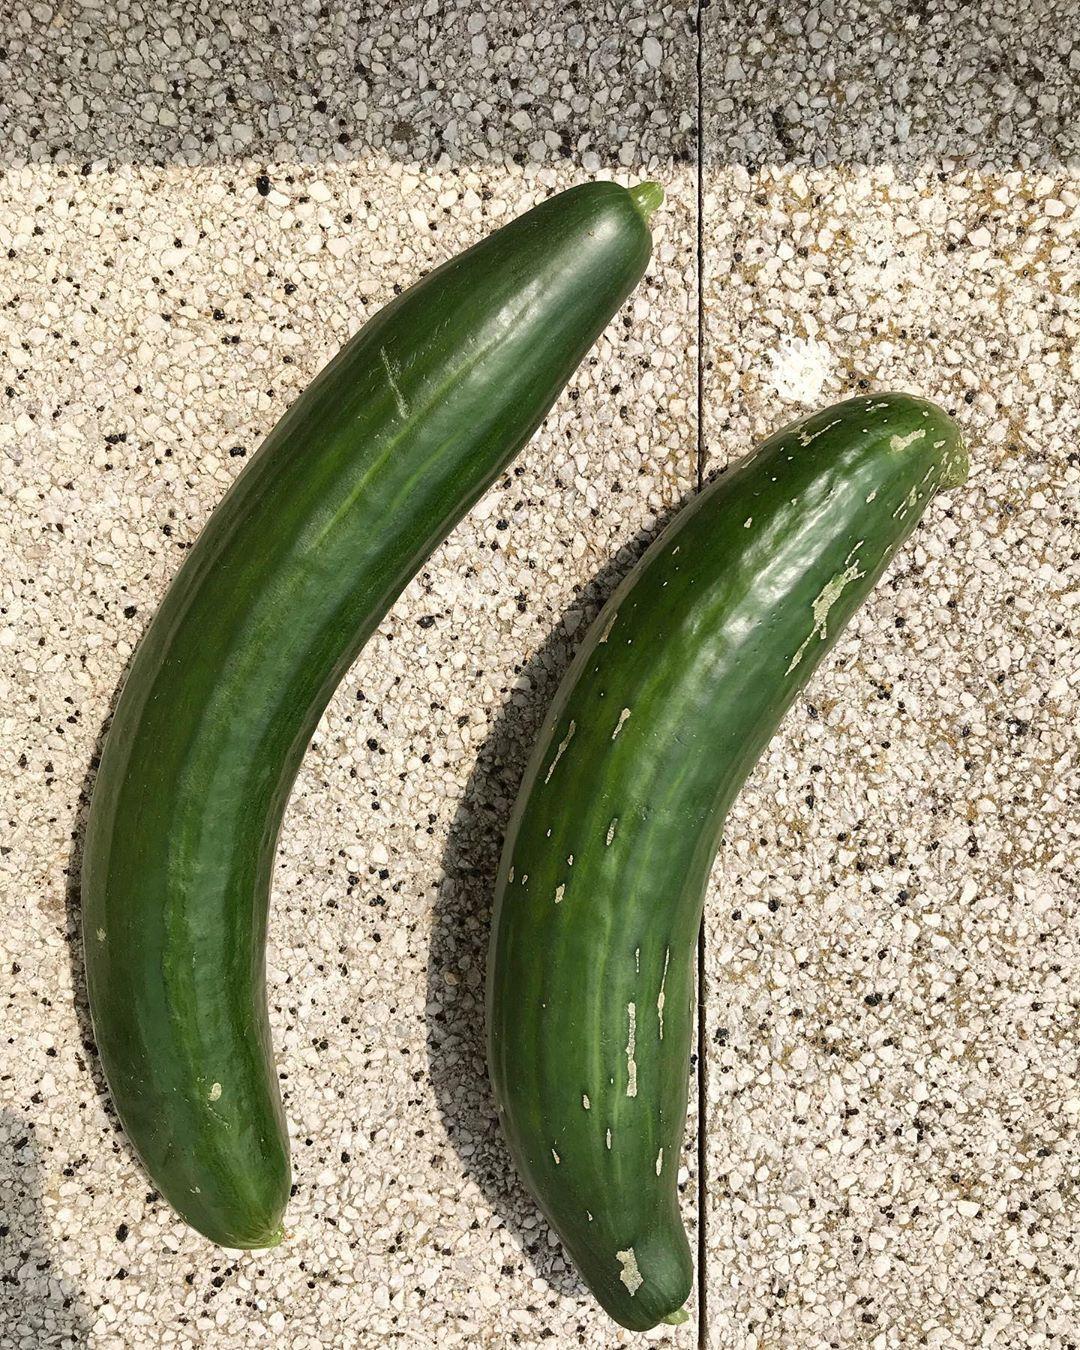 Das Sind Sie Also Die Letzten Beiden Gurken Fur Dieses Jahr Wir Haben Von Einer Pflanze Weit Uber Zehn Gurken Geerntet Und Ich Ka Erntezeit Garten Pflanzen